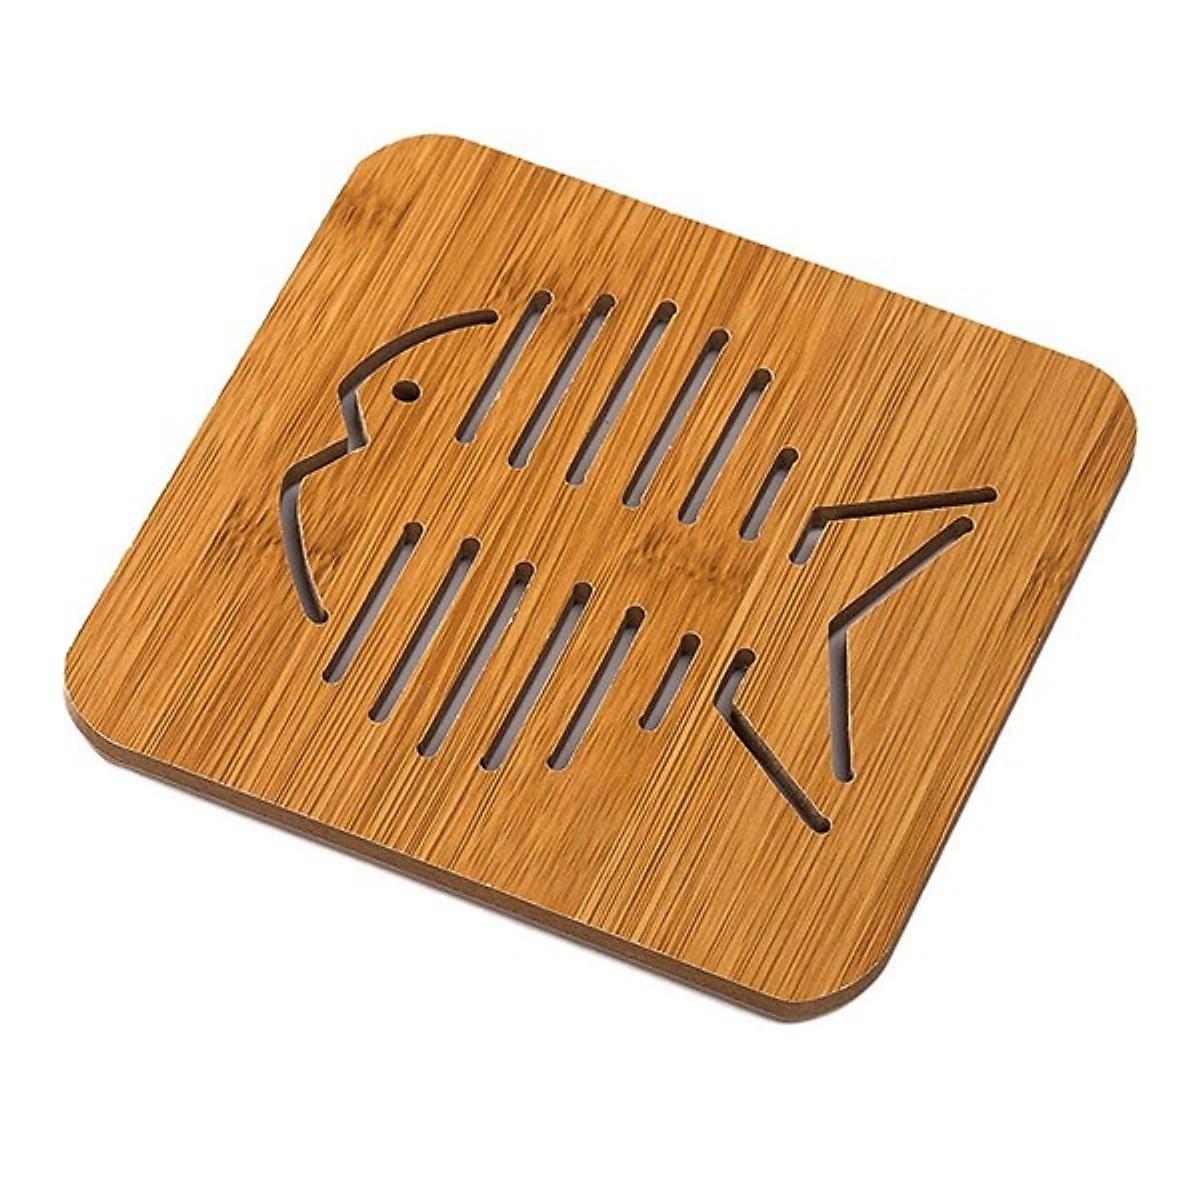 Bộ 6 tấm lót nồi bằng gỗ hình thú dễ thương, có đế cao su chống trơn trượt tốt